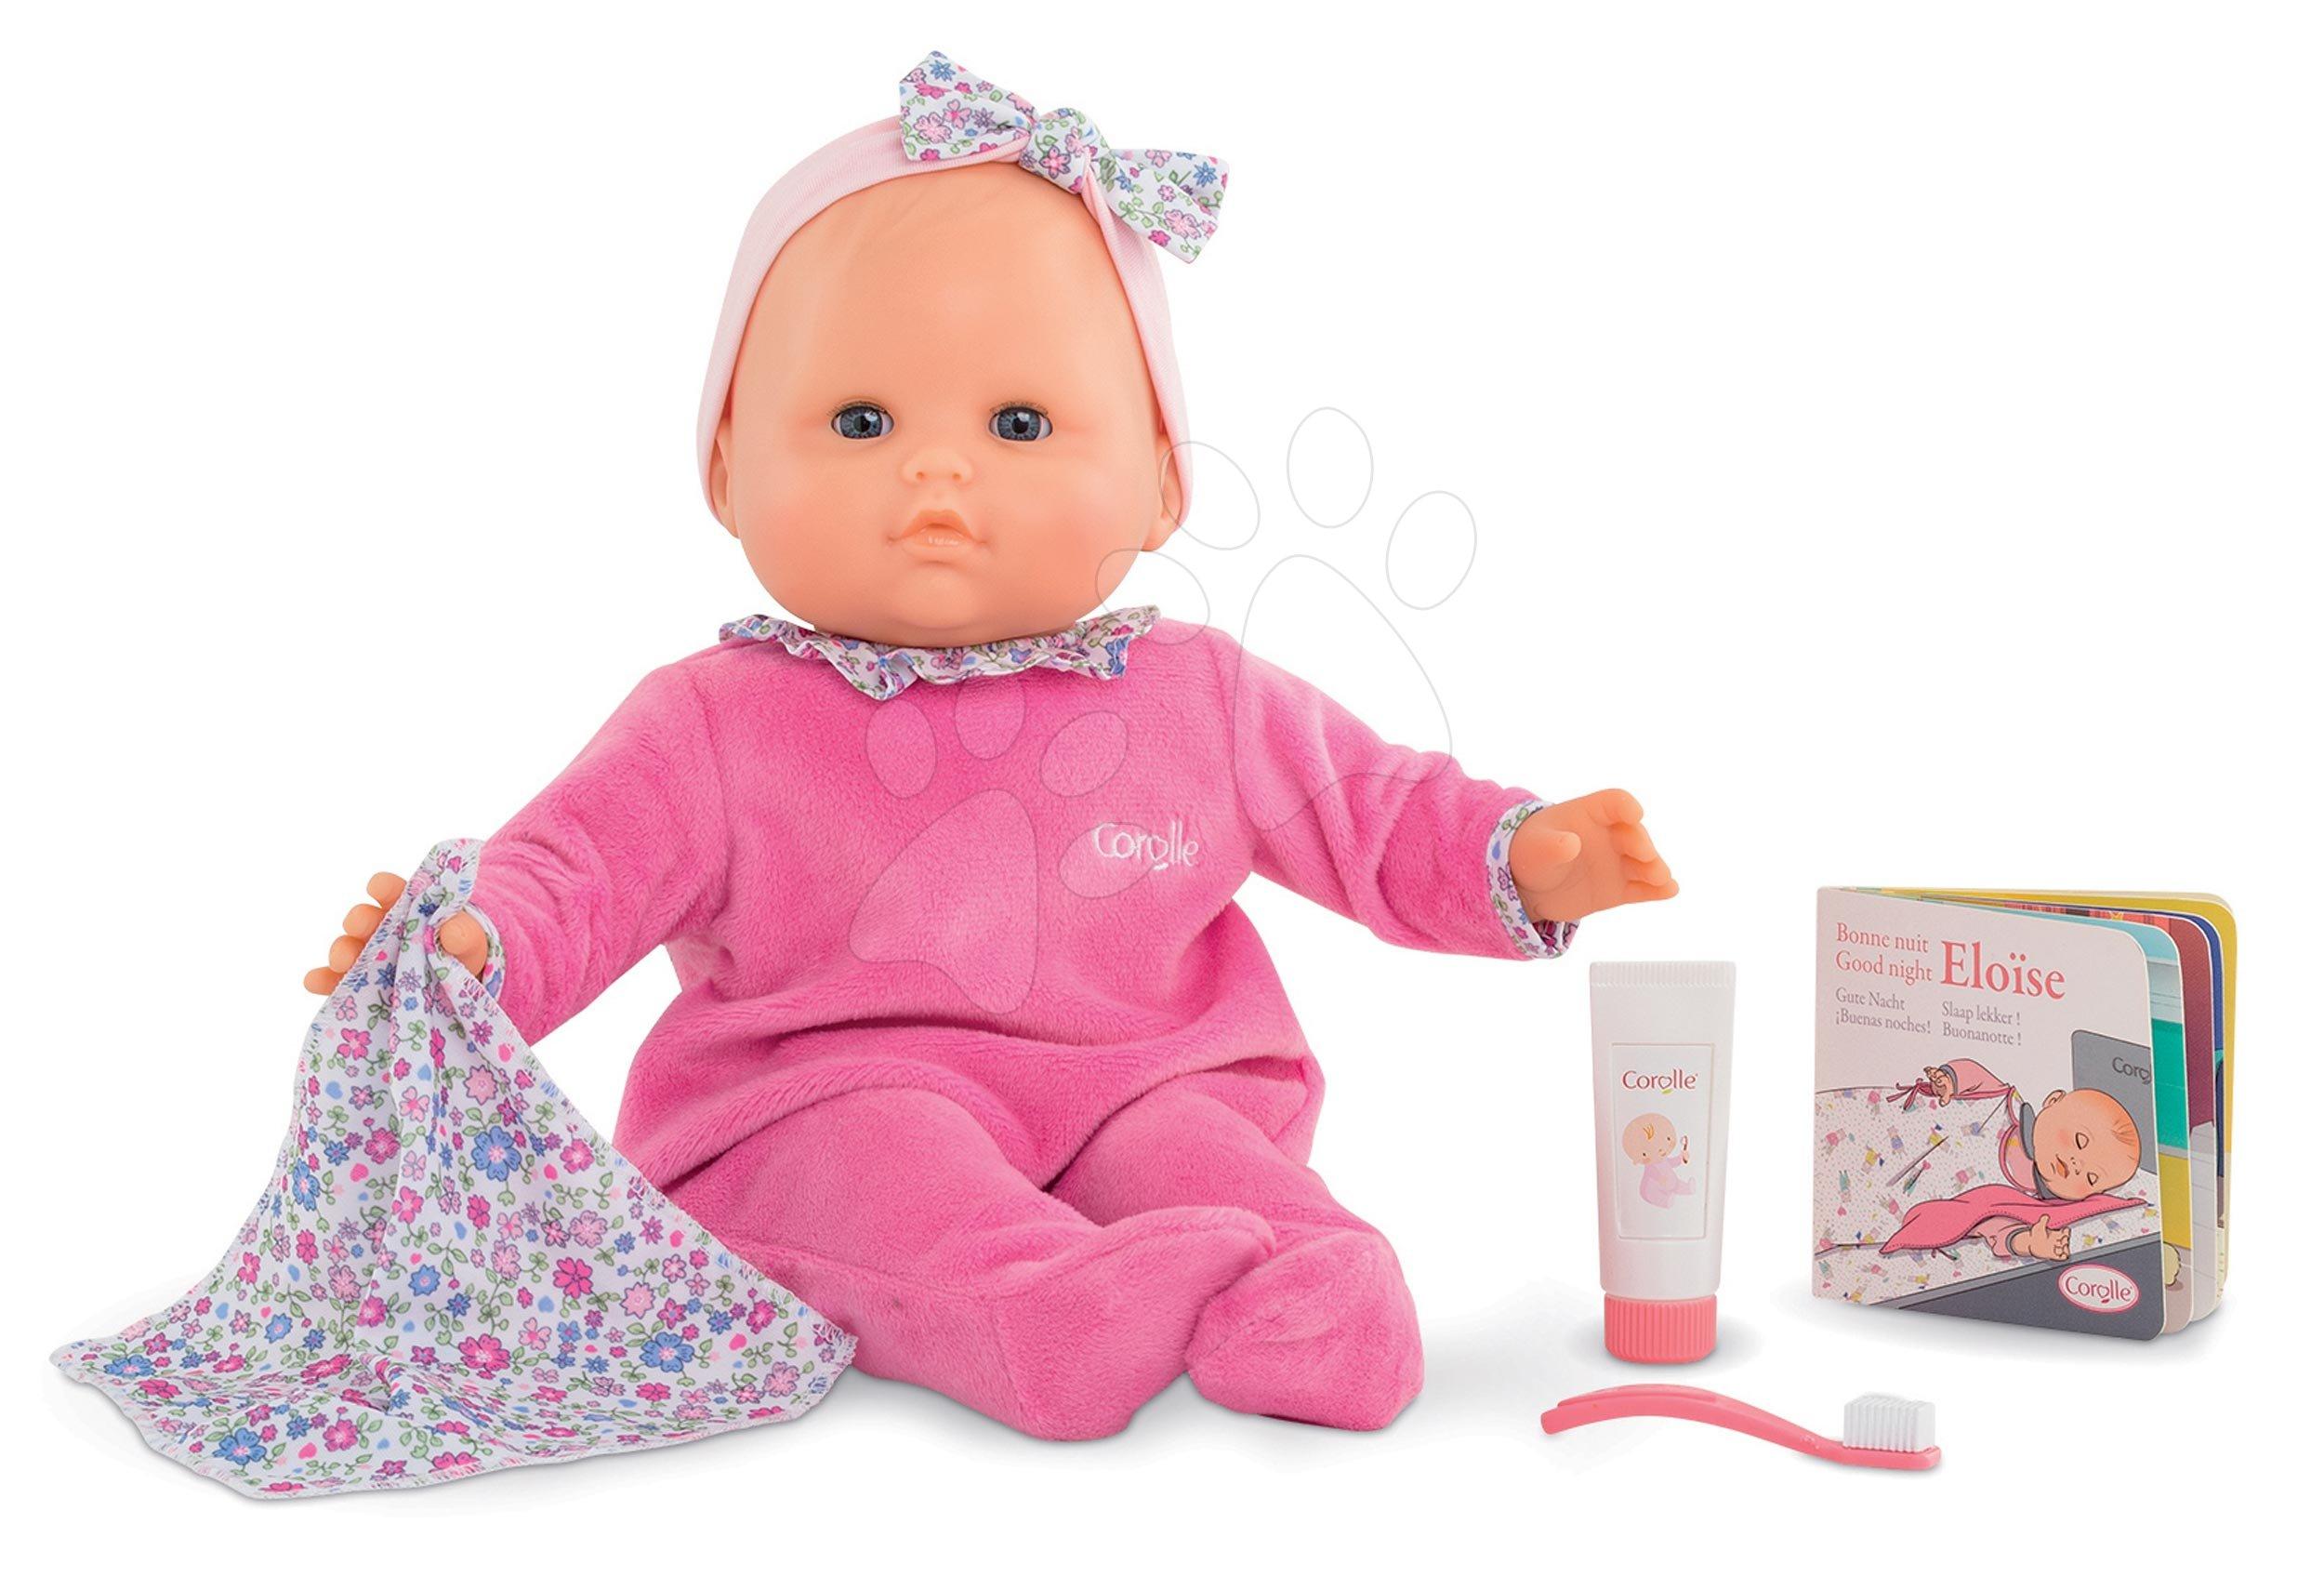 Panenky od 24 měsíců - Panenka Eloise Pink jde do postýlky Mon Grand Poupon Corolle 36 cm s modrými mrkacími očima a 4 doplňky od 24 měs